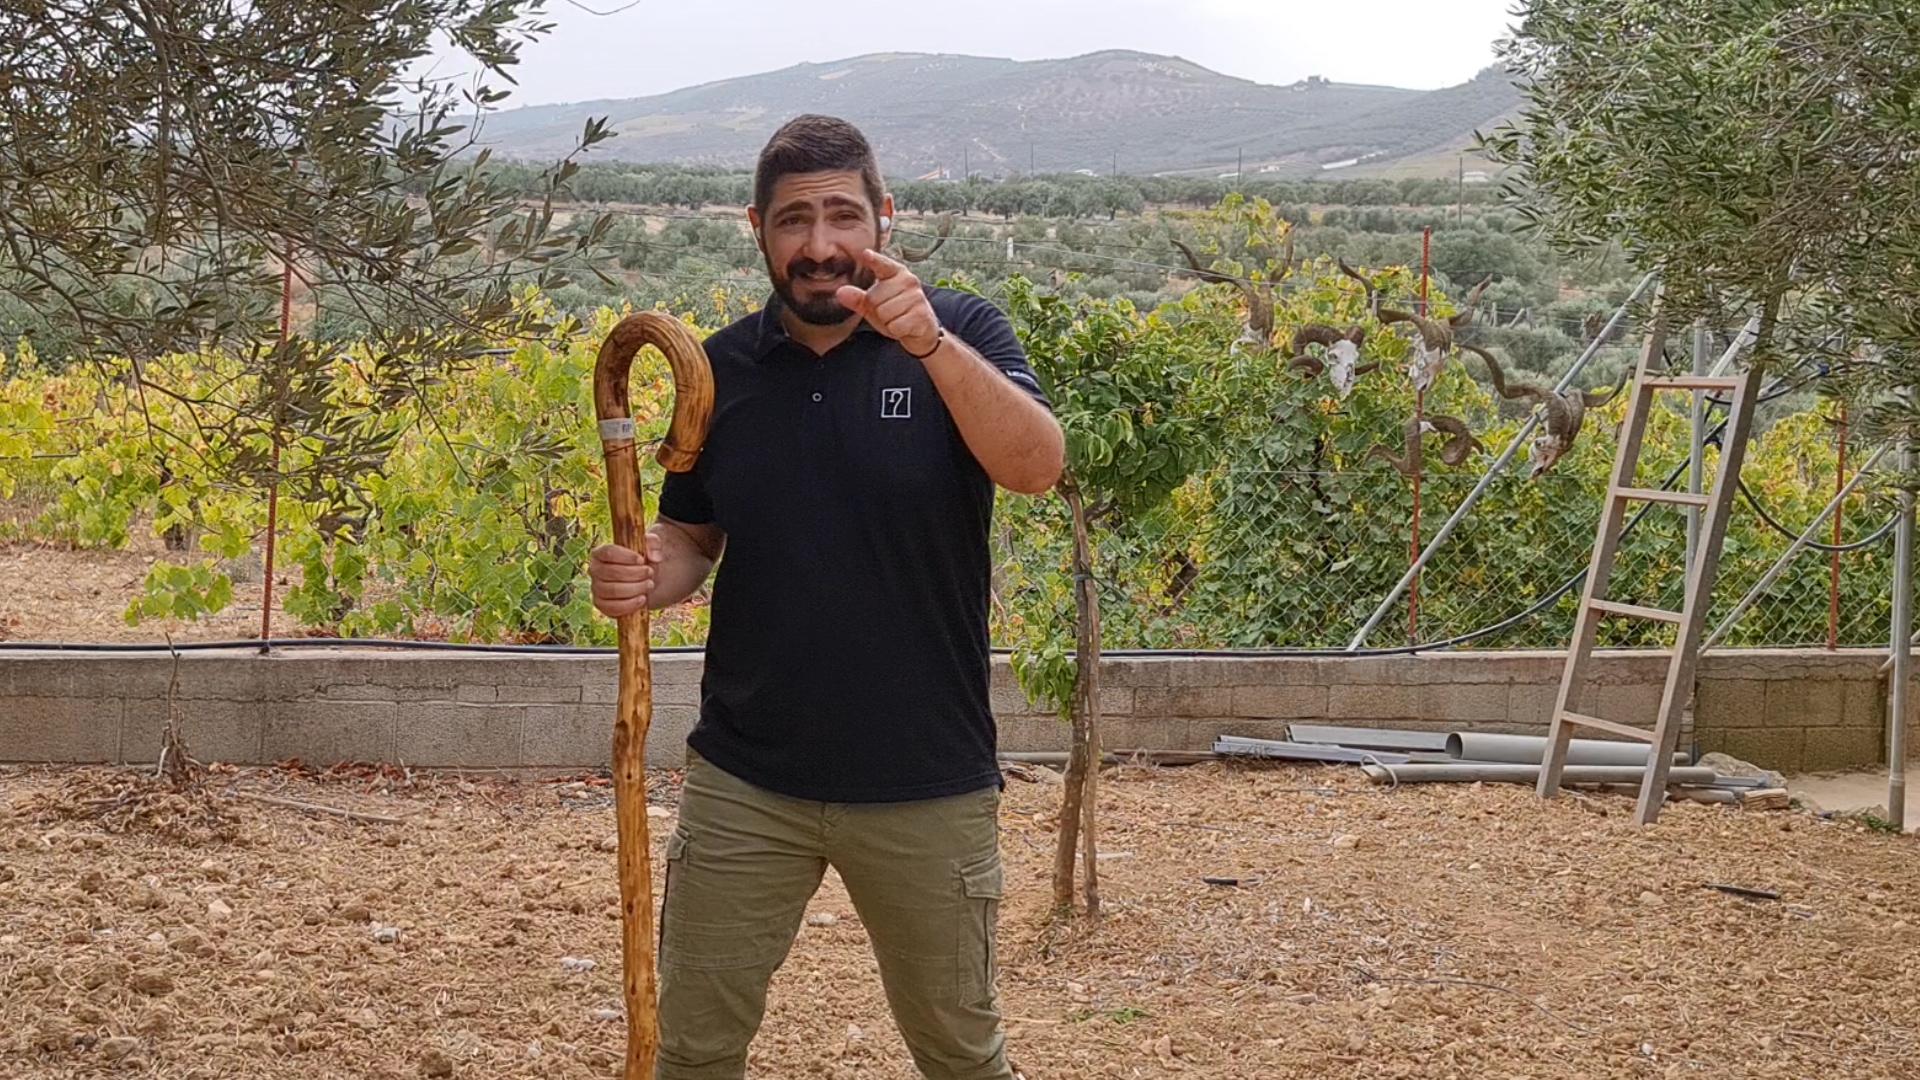 Μία και καλή! | Κρητικά μπαστούνια, Σμυρνάκης